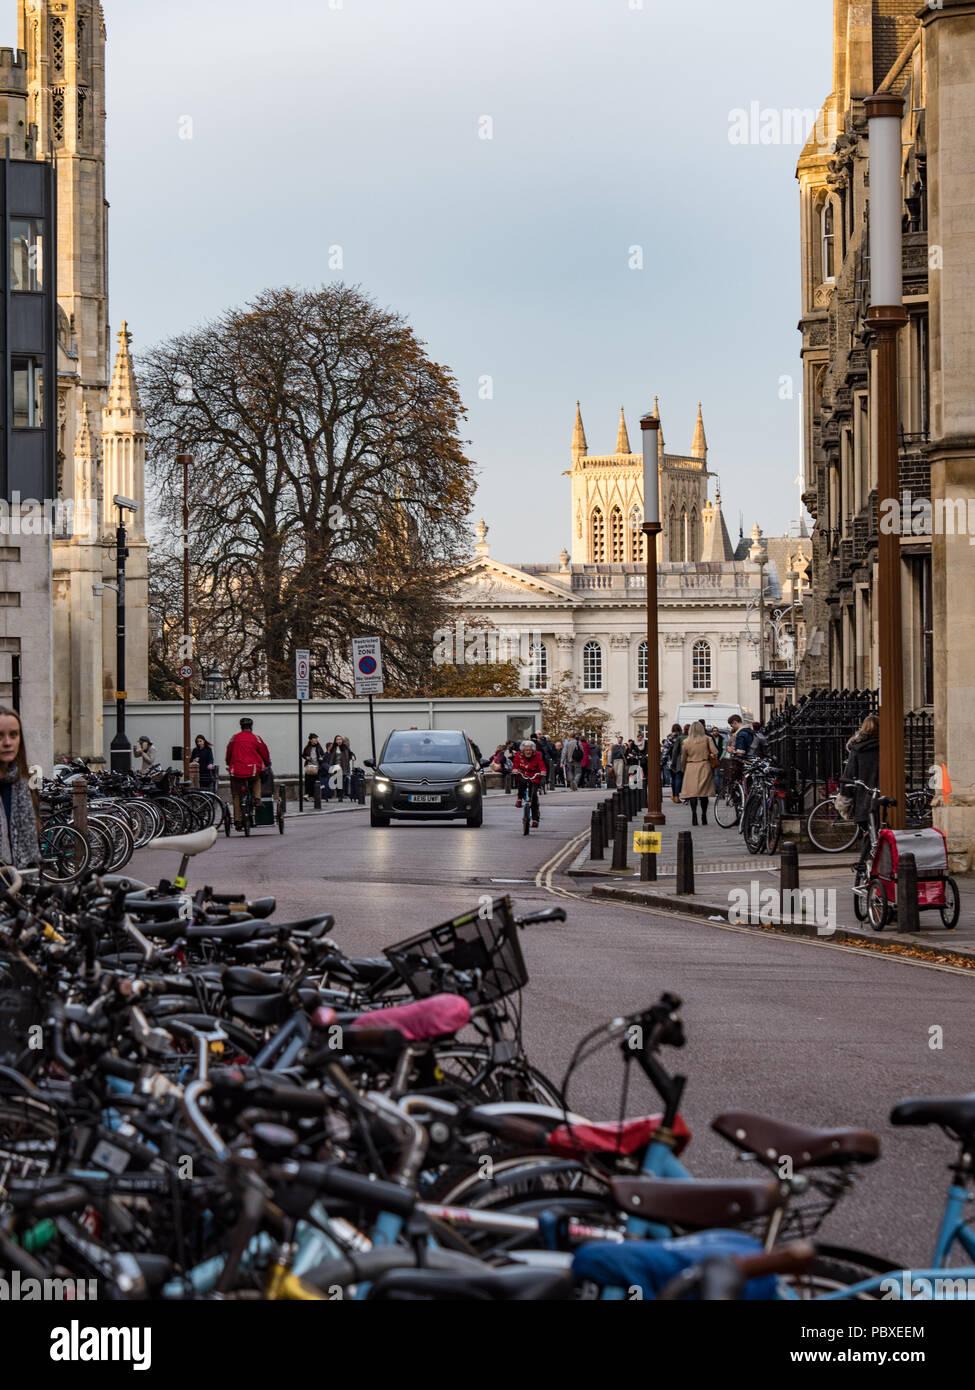 Views along Trumpington Street towards kings Parade, Cambridge, England, UK. - Stock Image